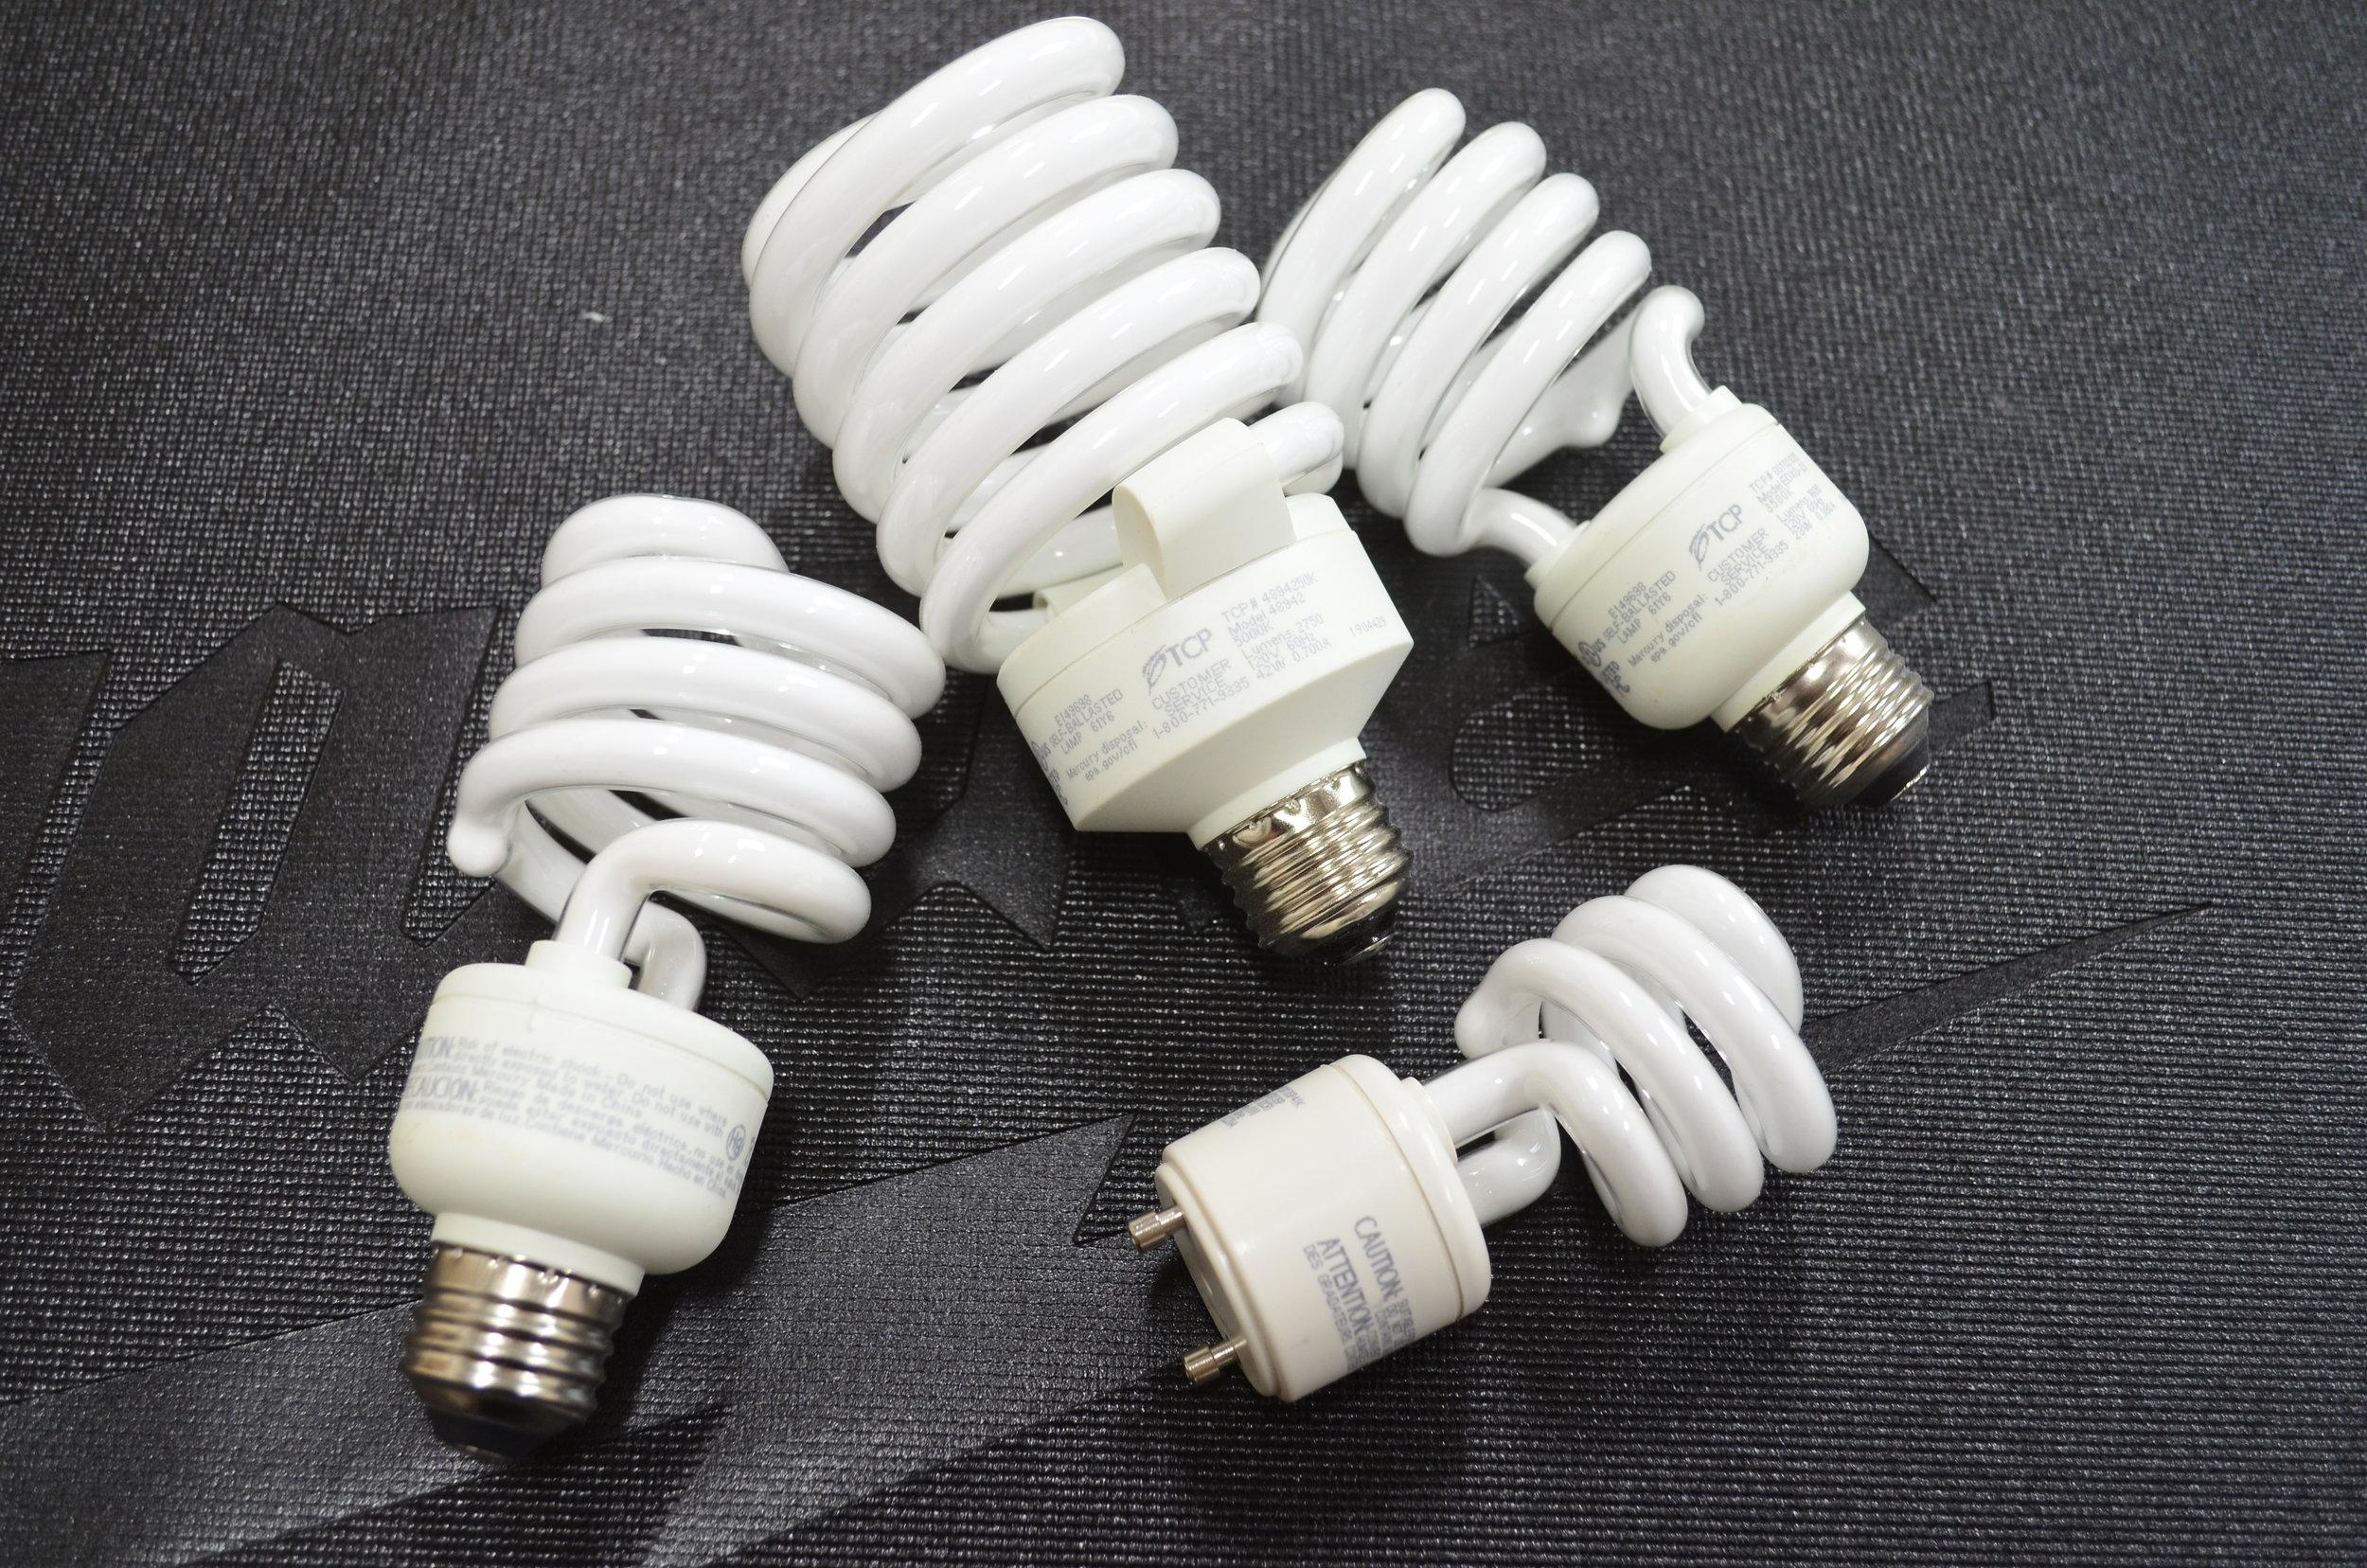 cfl-2700k-3500k-4100k-5000k-fluorescent-compact-lamps_bulbs